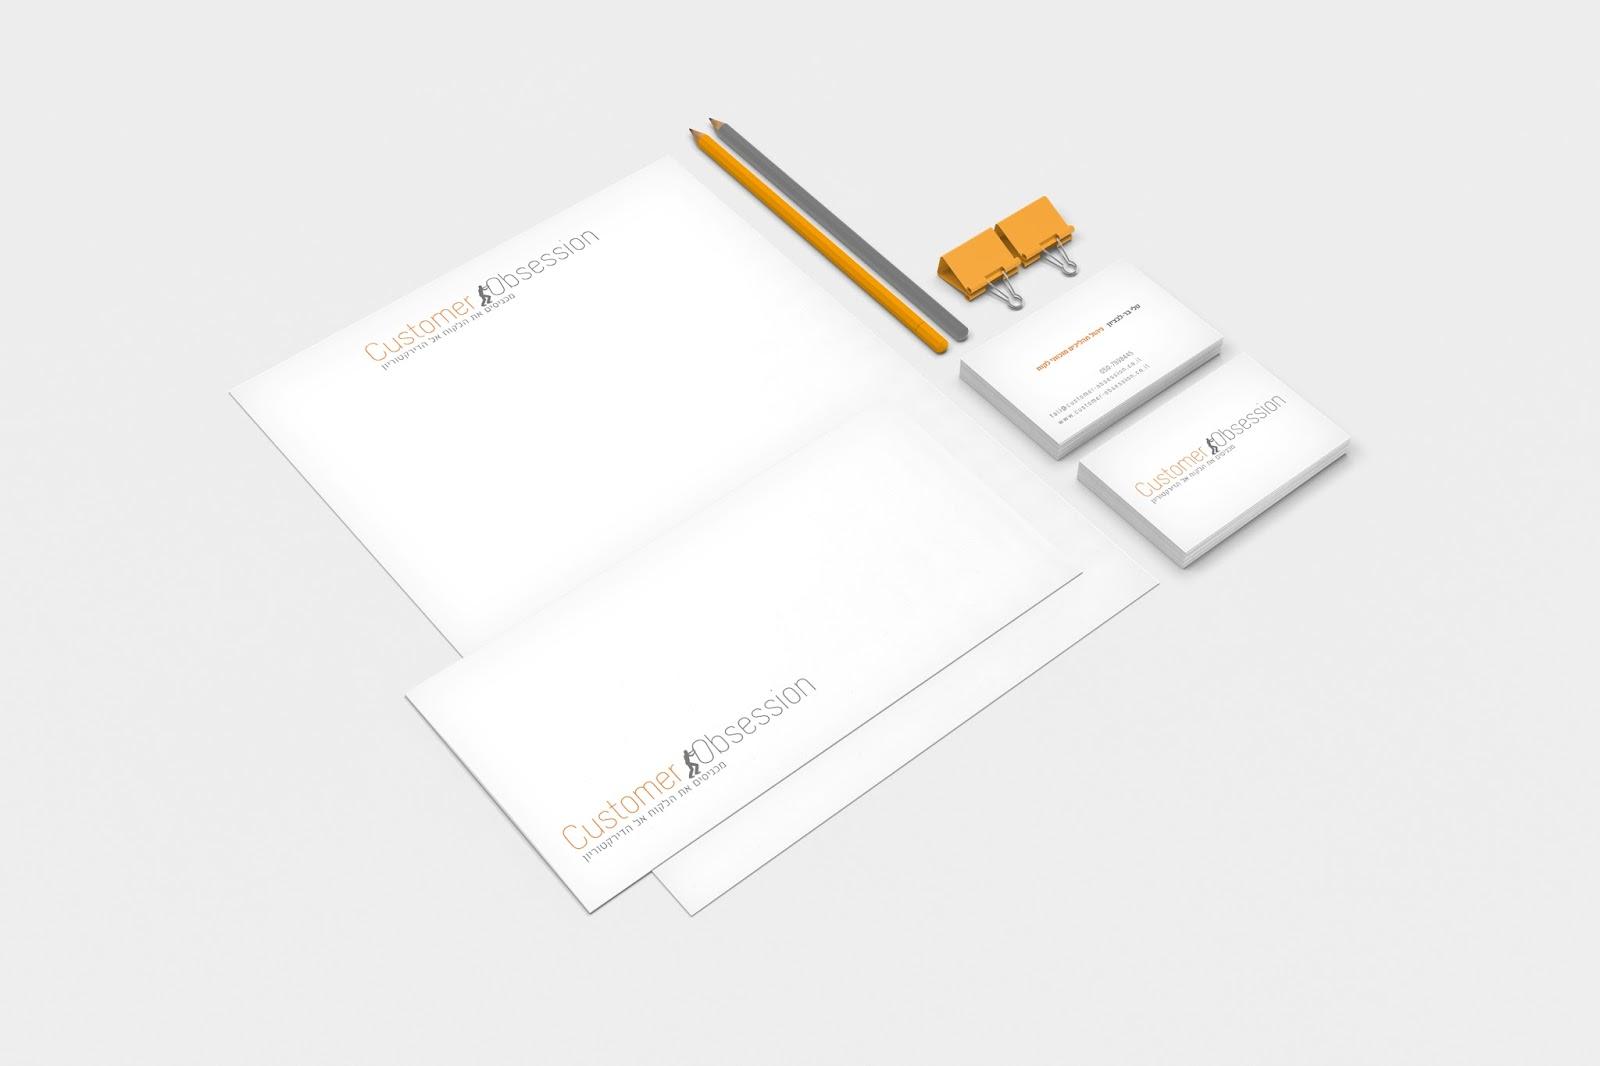 עיצוב גרפי ניירת חברה | רון ידלין מעצב גרפי